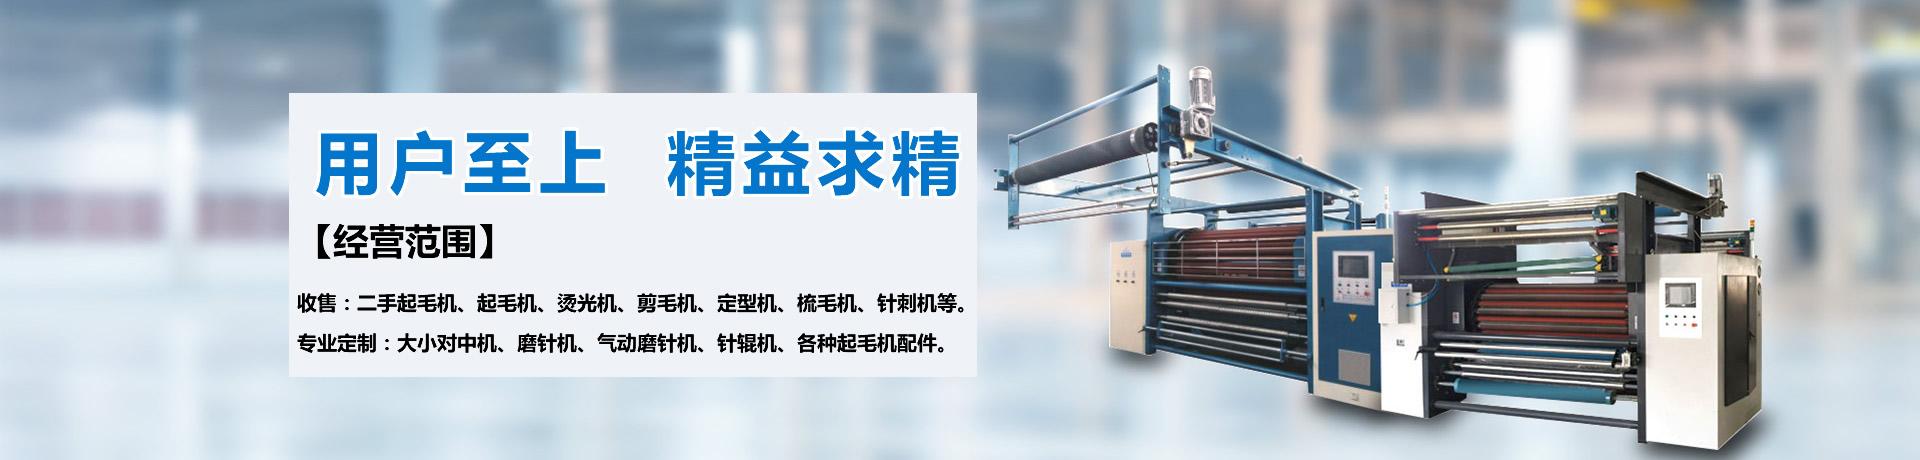 绍兴众达二手纺织机械有限公司